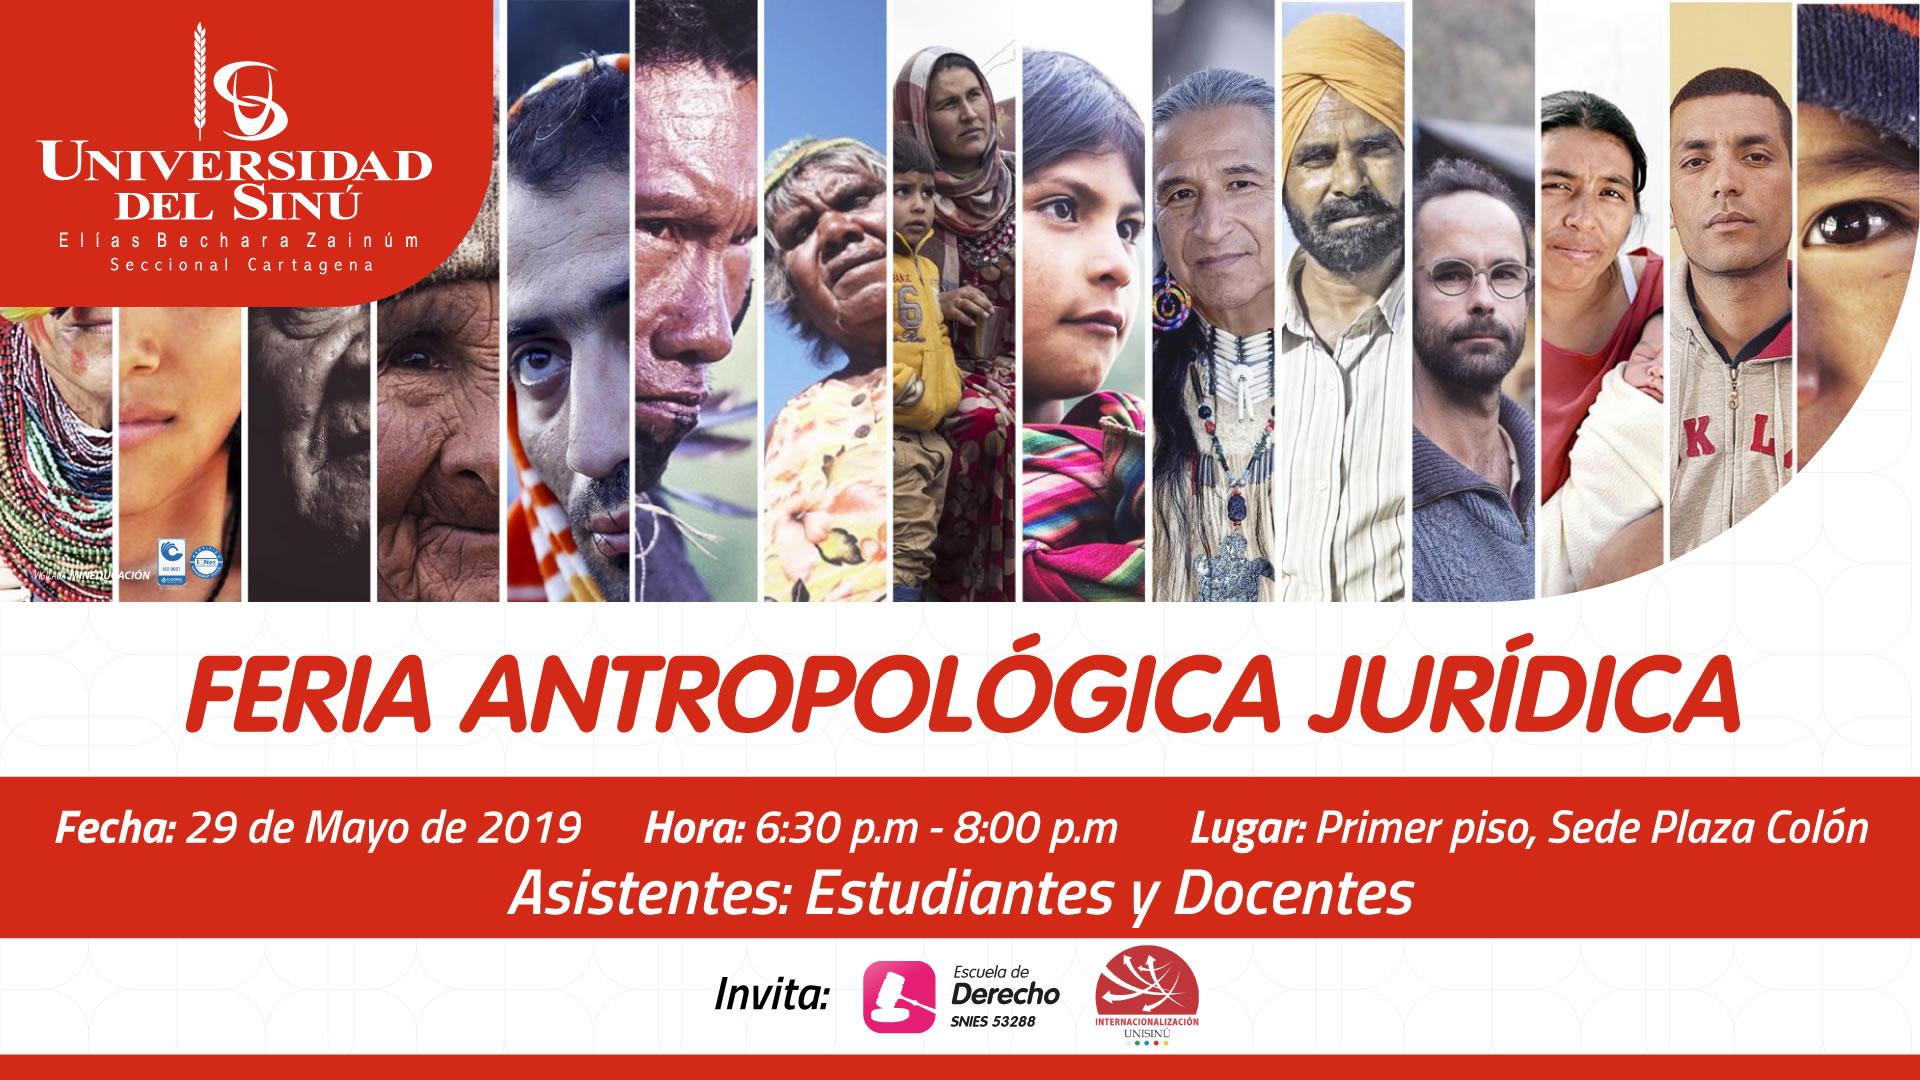 feria-antropologica